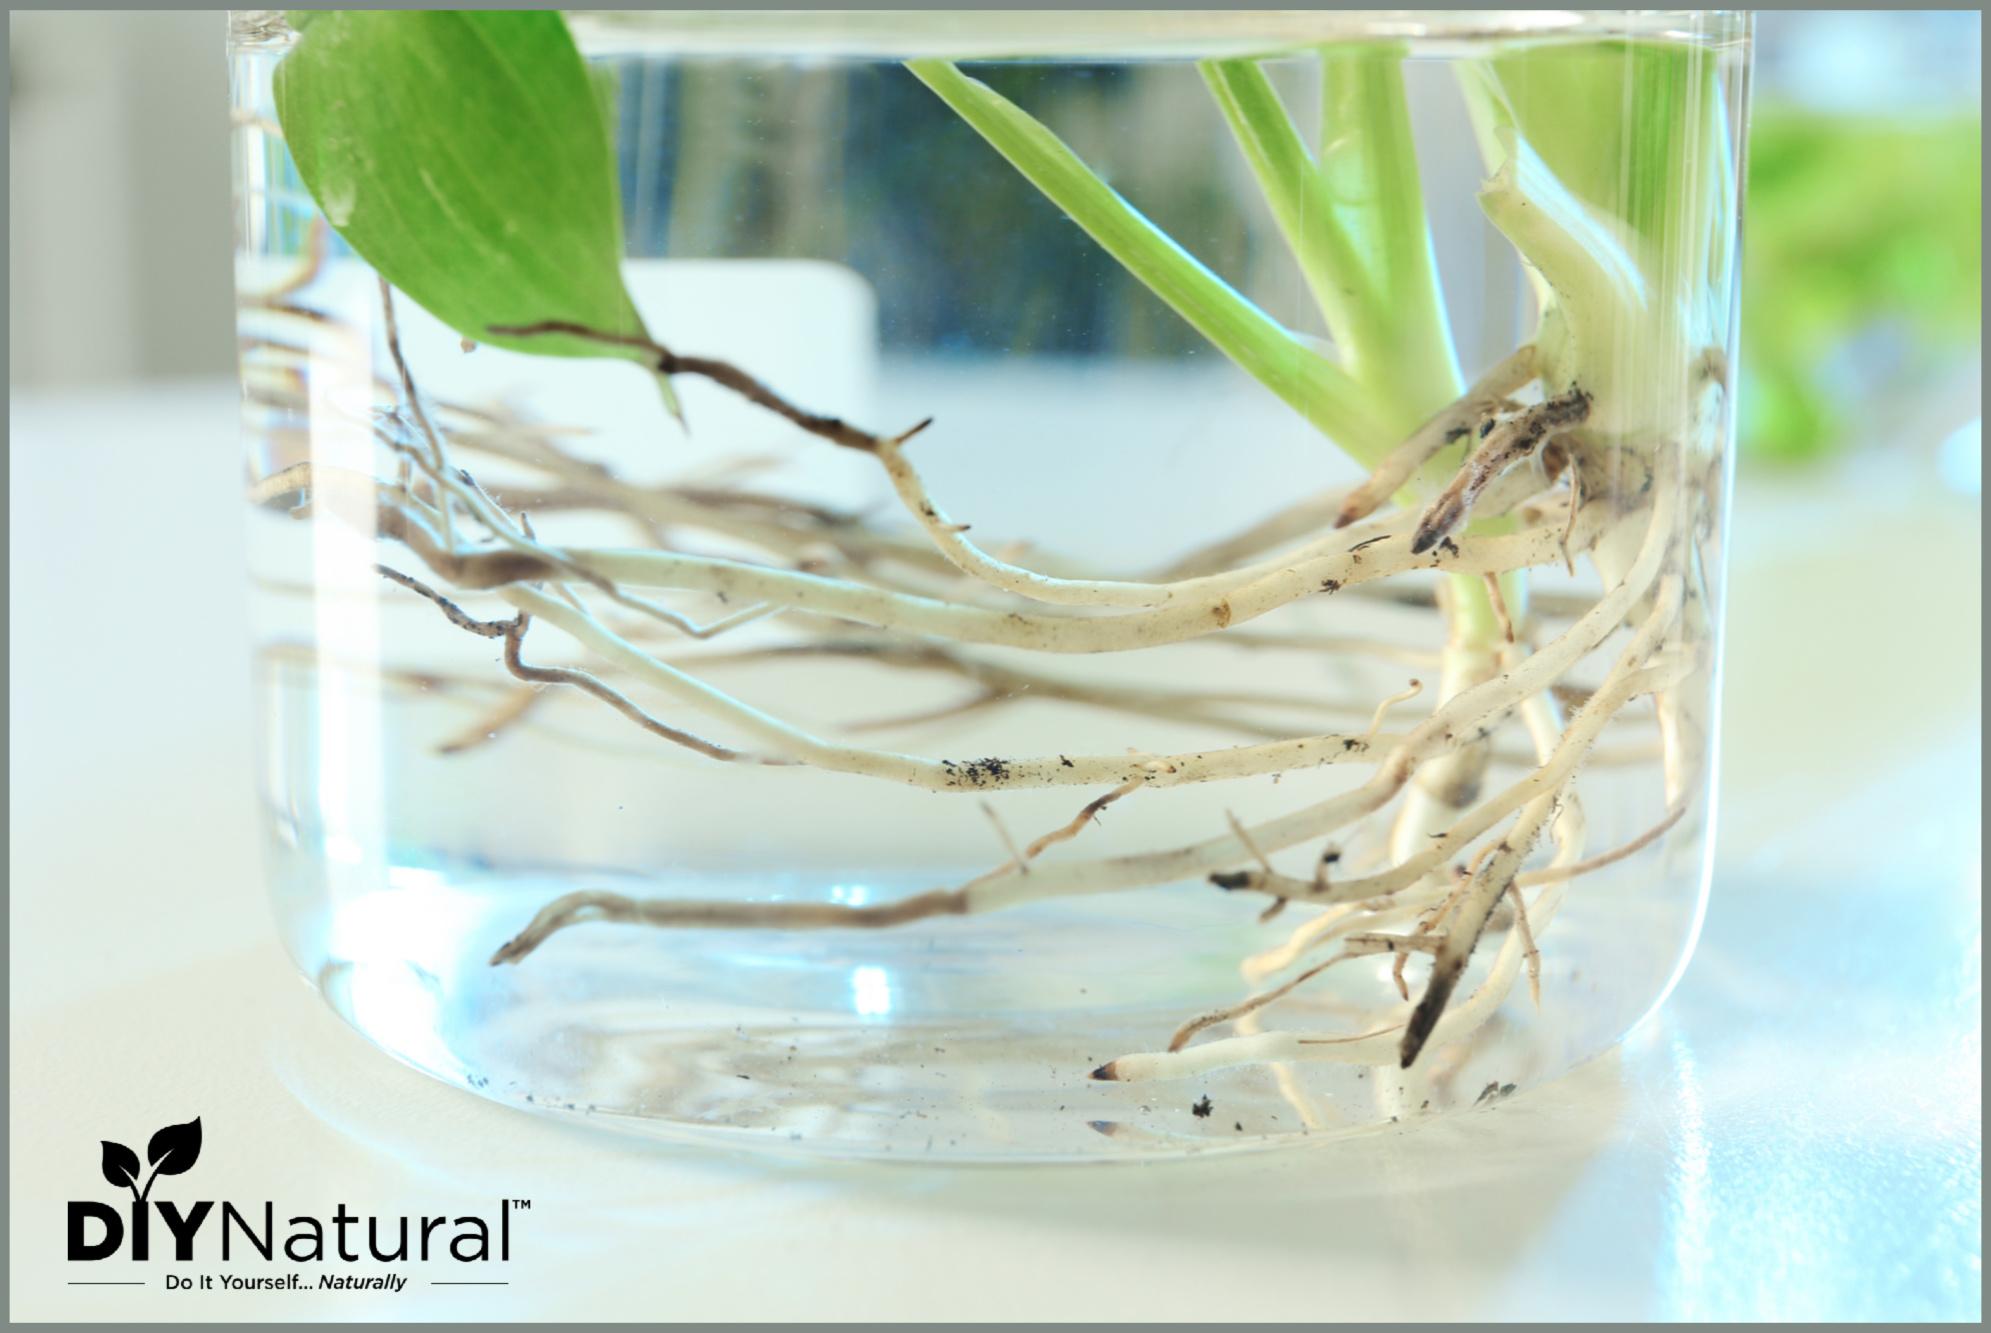 Growing Herbs In Water